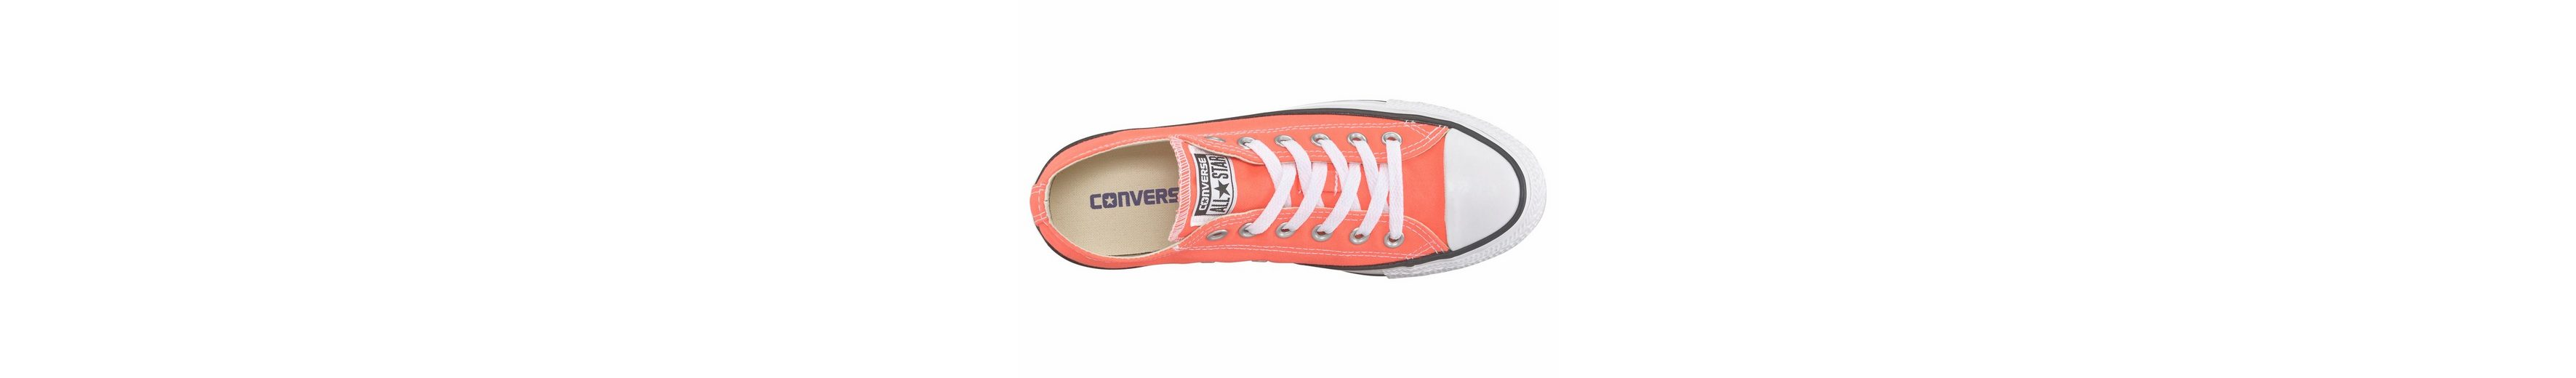 Converse Chuck Taylor All Star Ox Sneaker Besuchen Zu Verkaufen Spielraum Geniue Händler Bestbewertet Mit Paypal Niedrigem Preis Erscheinungsdaten Verkauf Online HVcv0N